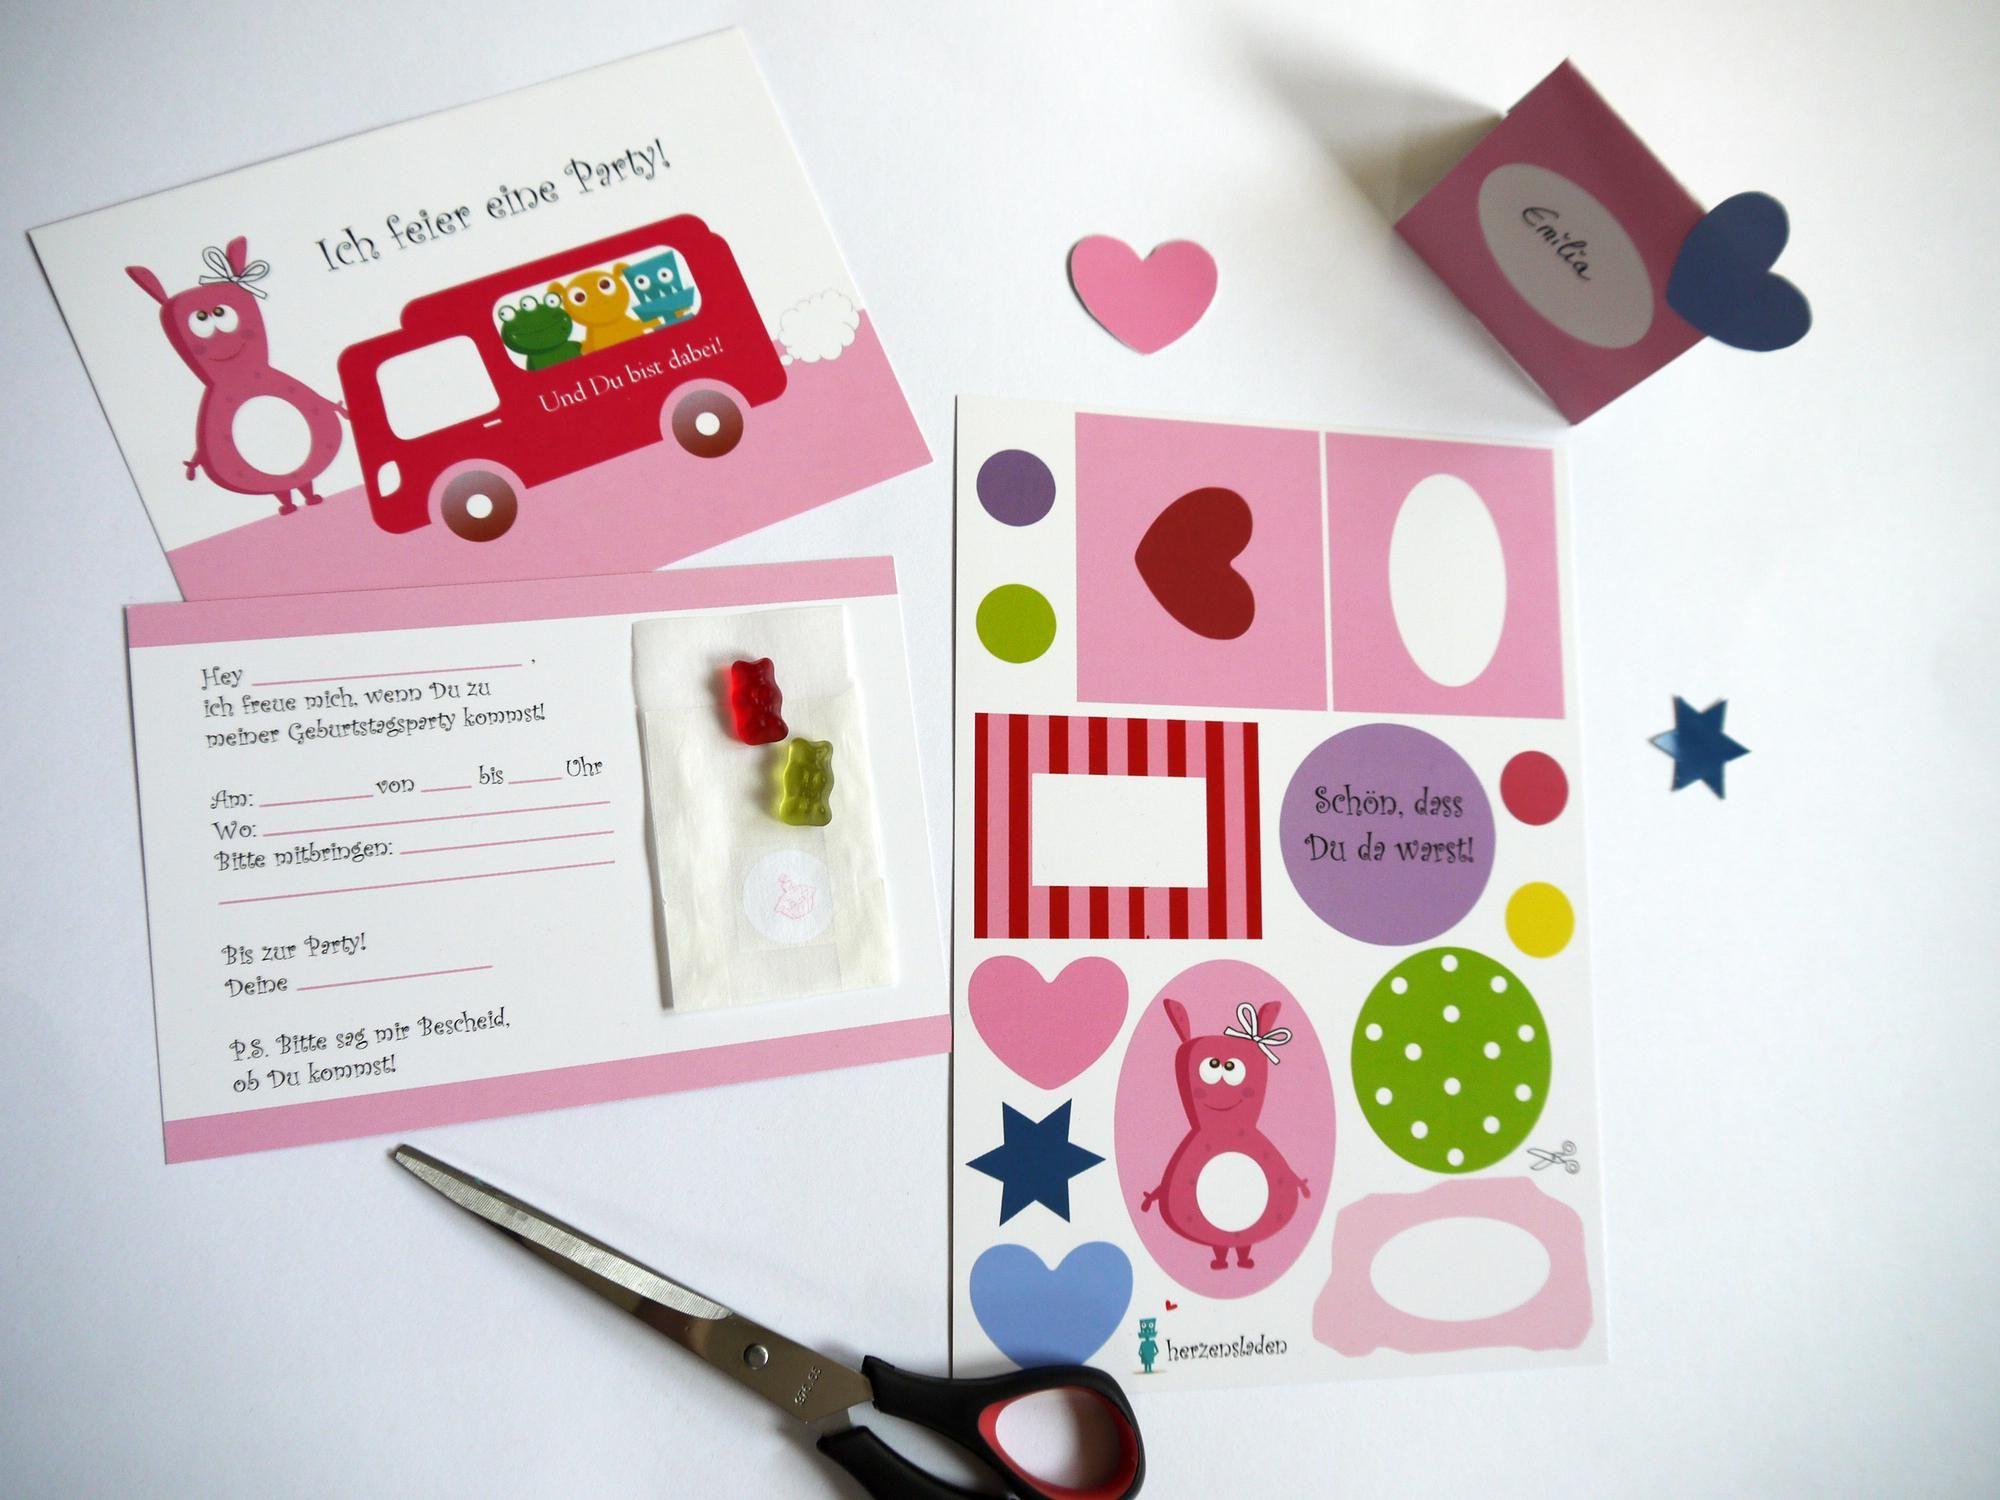 einladungskarten kindergeburtstag vorlagen : einladungskarten, Einladung